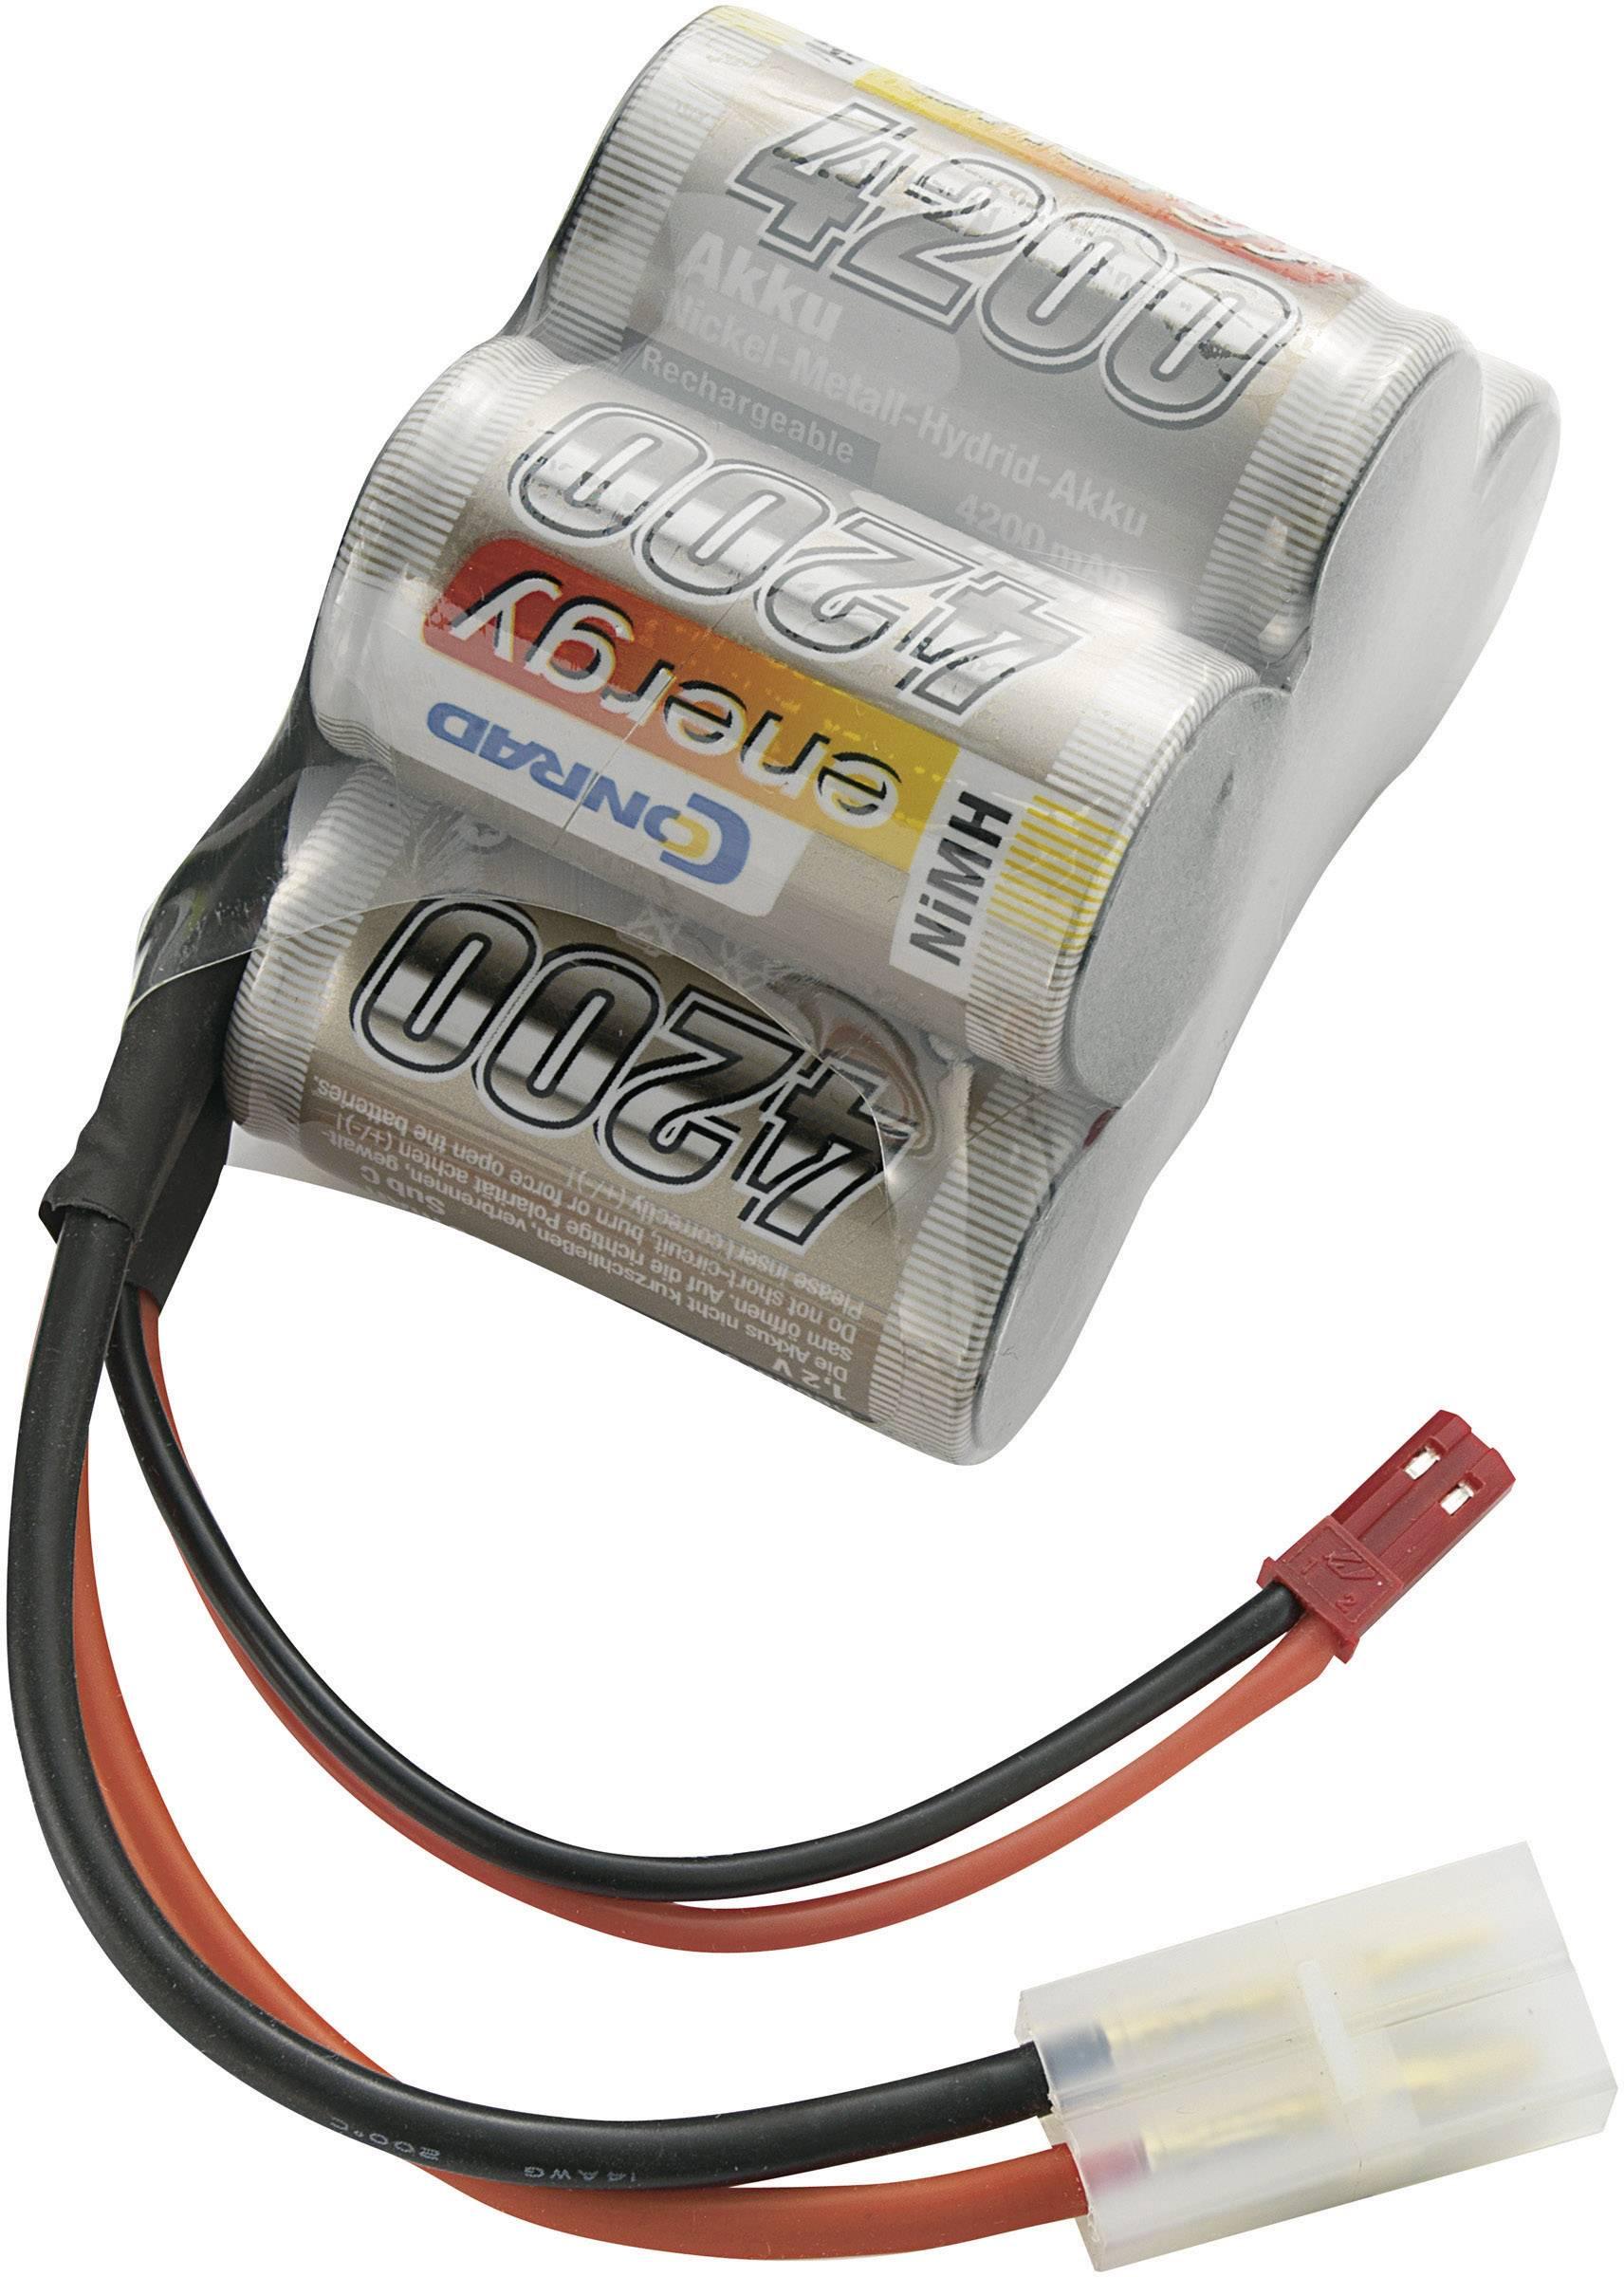 Akupack přijímače NiMH Conrad Energy Sub-C, 6 V, 4200 mAh, Hump, BEC / Tamiya